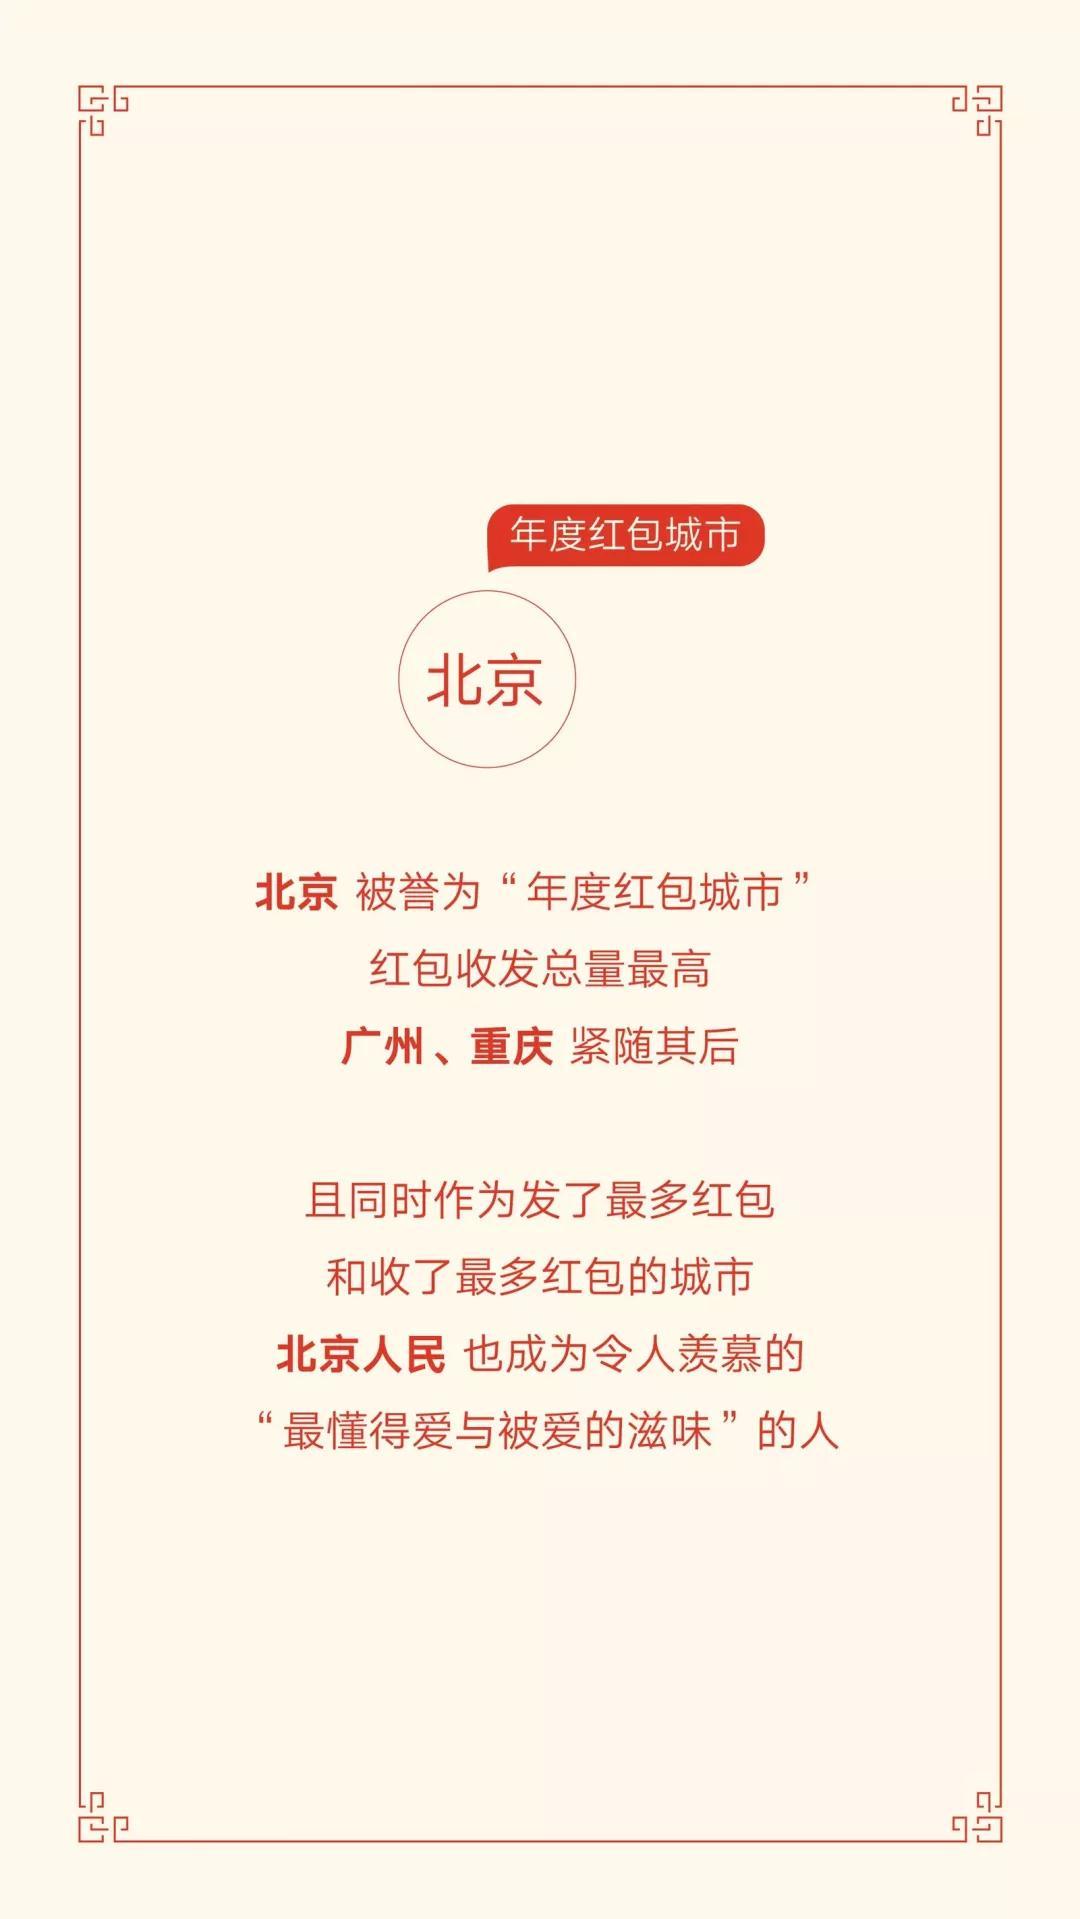 春节微信红包收发排名出炉,西宁人榜上有名……